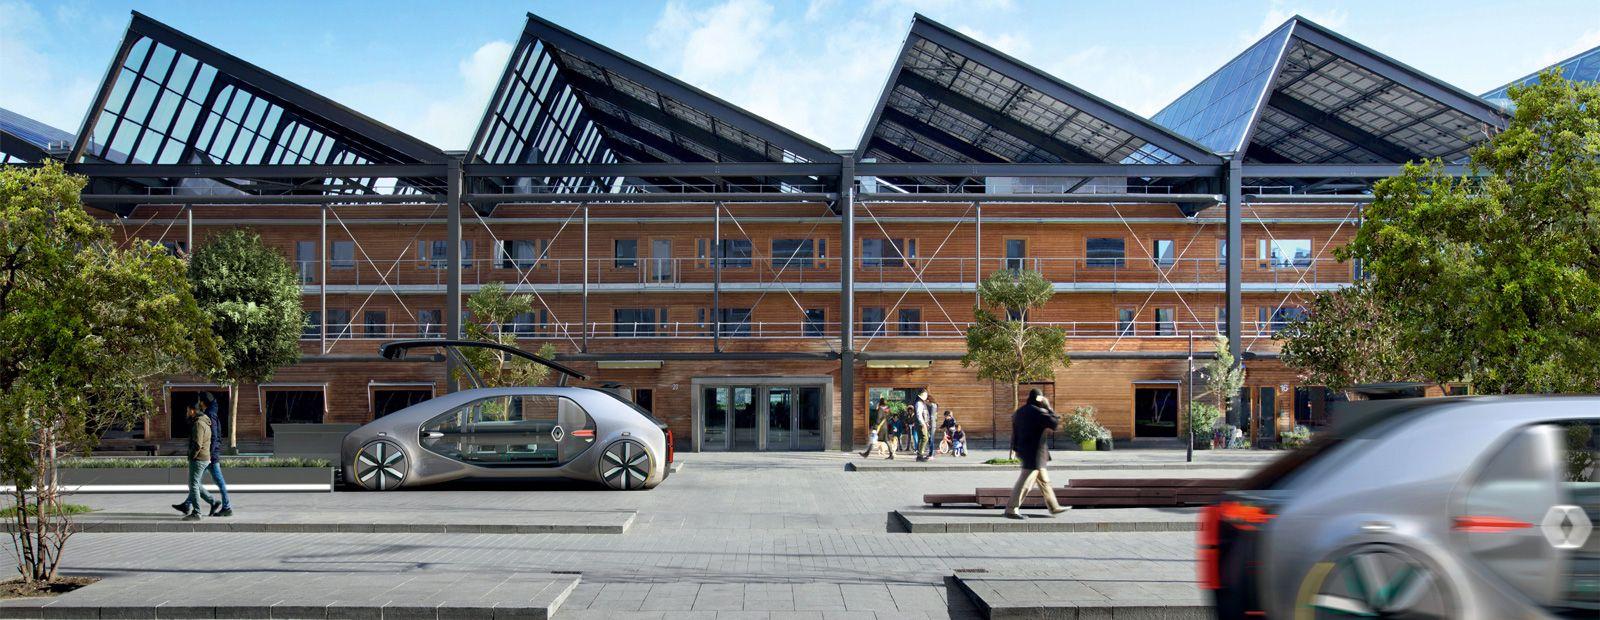 Le Groupe Renault s'est engagé à réduire son empreinte carbone monde par véhicule.